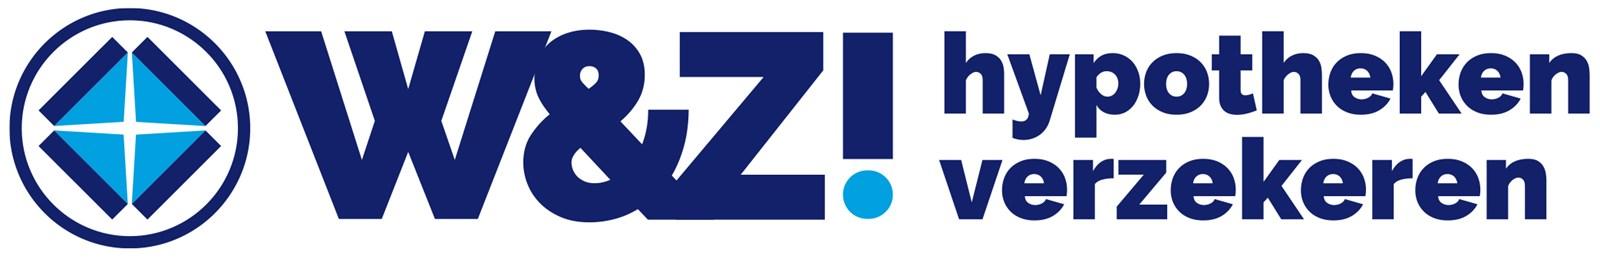 Afbeelding van W&Z! hypotheken verzekeren